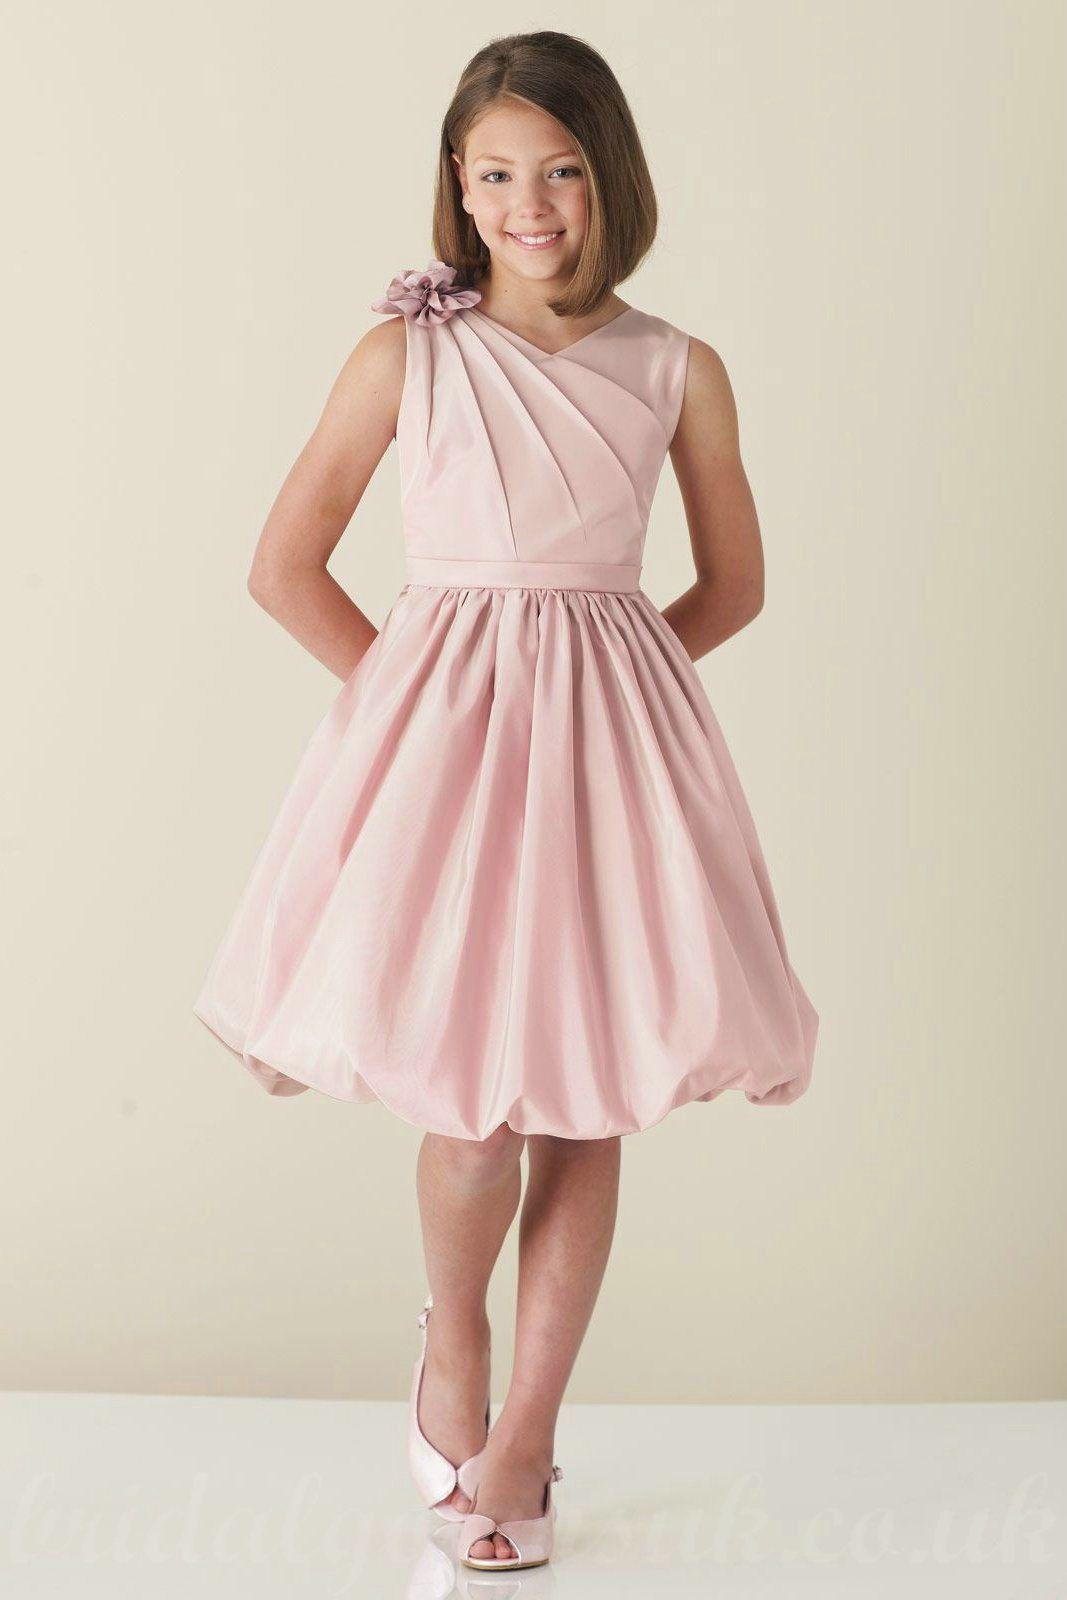 Pin de Yesenia Baez en ÑIÑAS | Pinterest | Escalada, Vestidos niña y ...